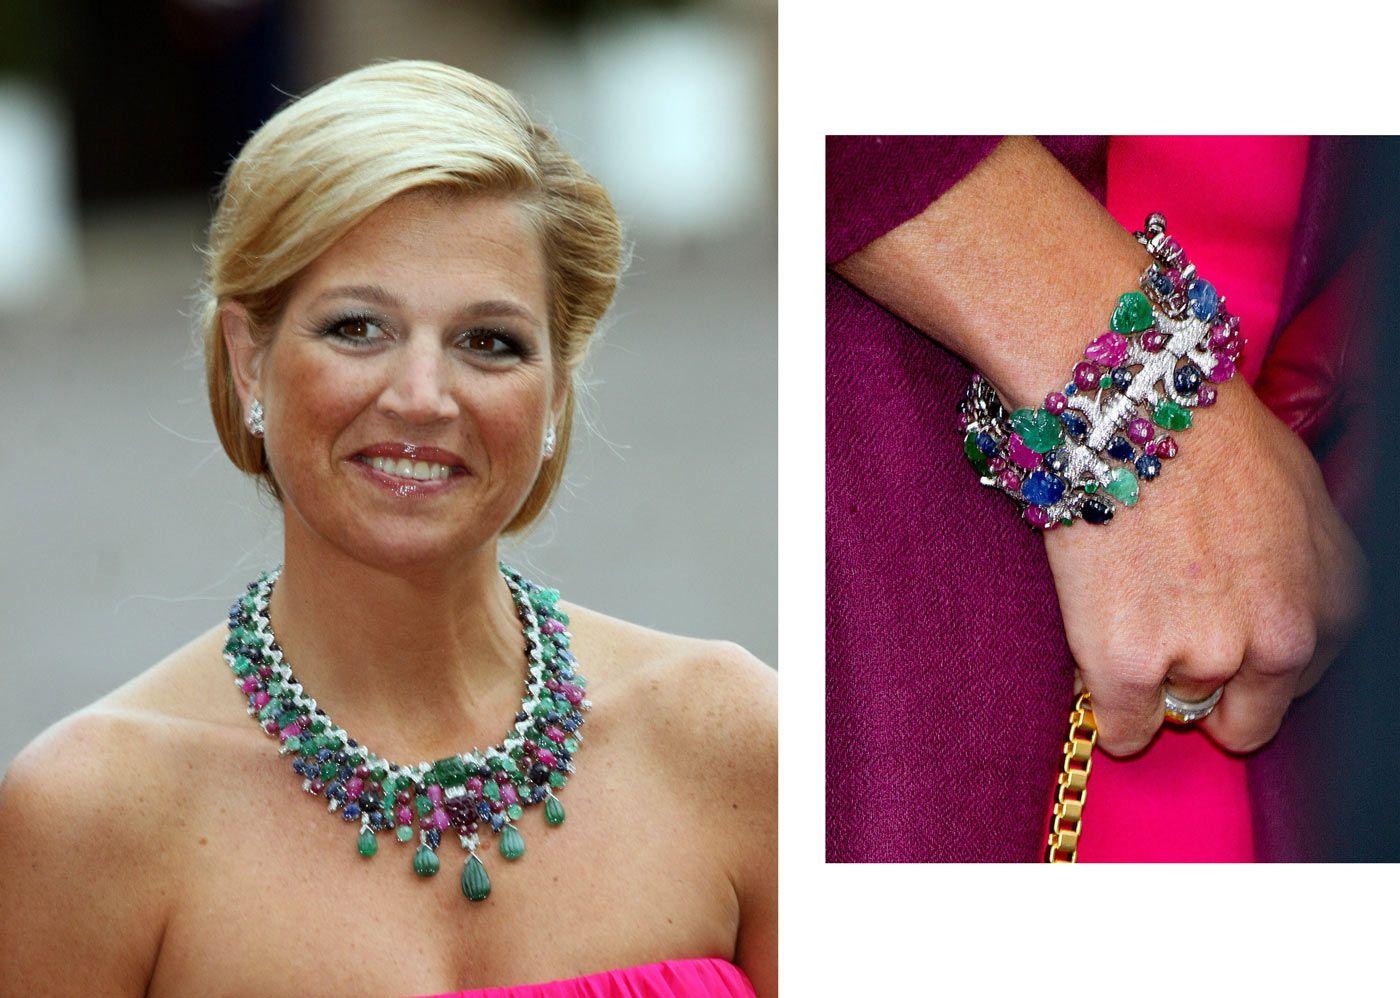 Koningin Maxima met het tutti frutti collier met de armband Blog Zilver.nl